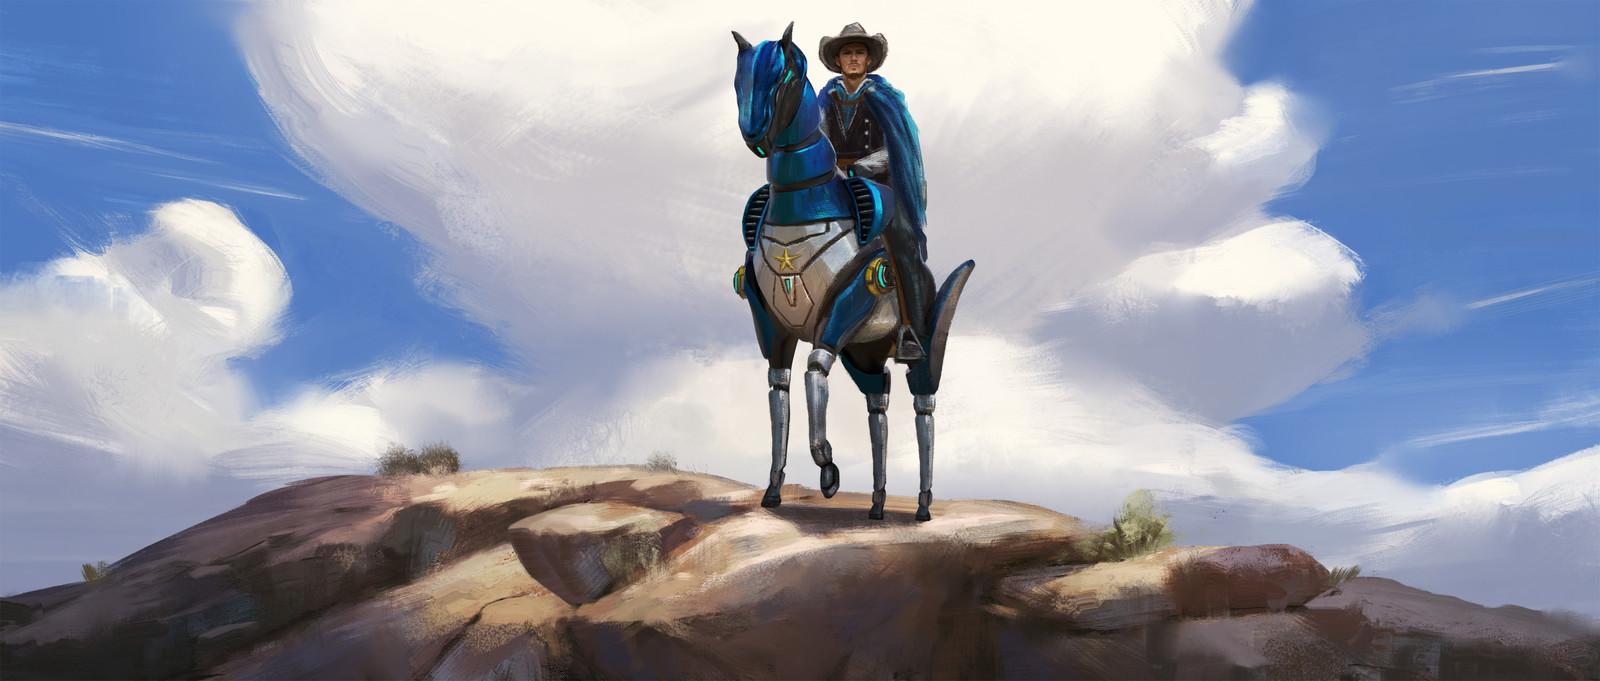 Art Station Wild West Challenge - Keyframe Concepts